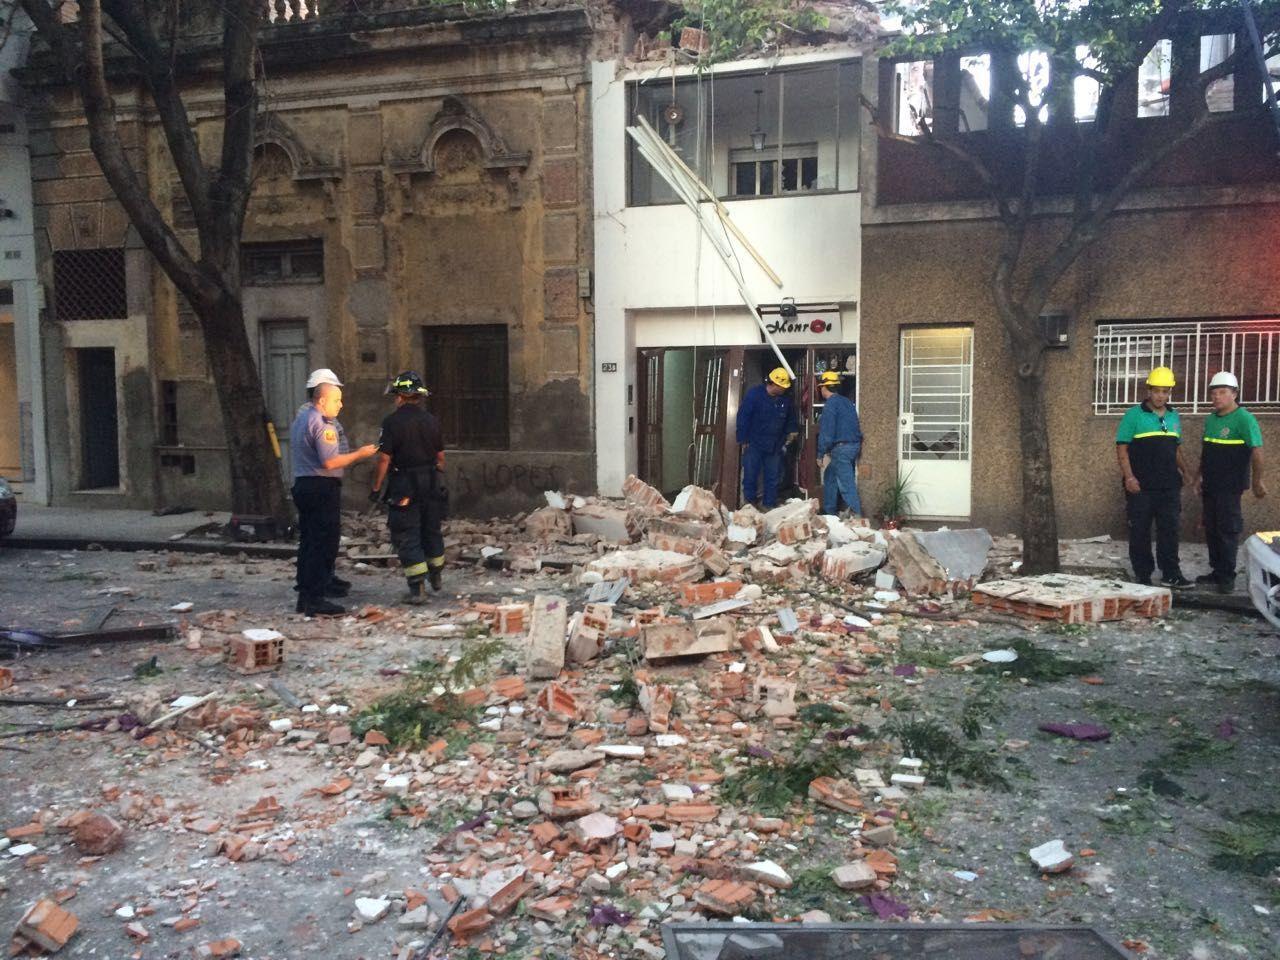 La explosión en el edificio de Balcarce casi Brown provocó daños materiales y cinco heridos.